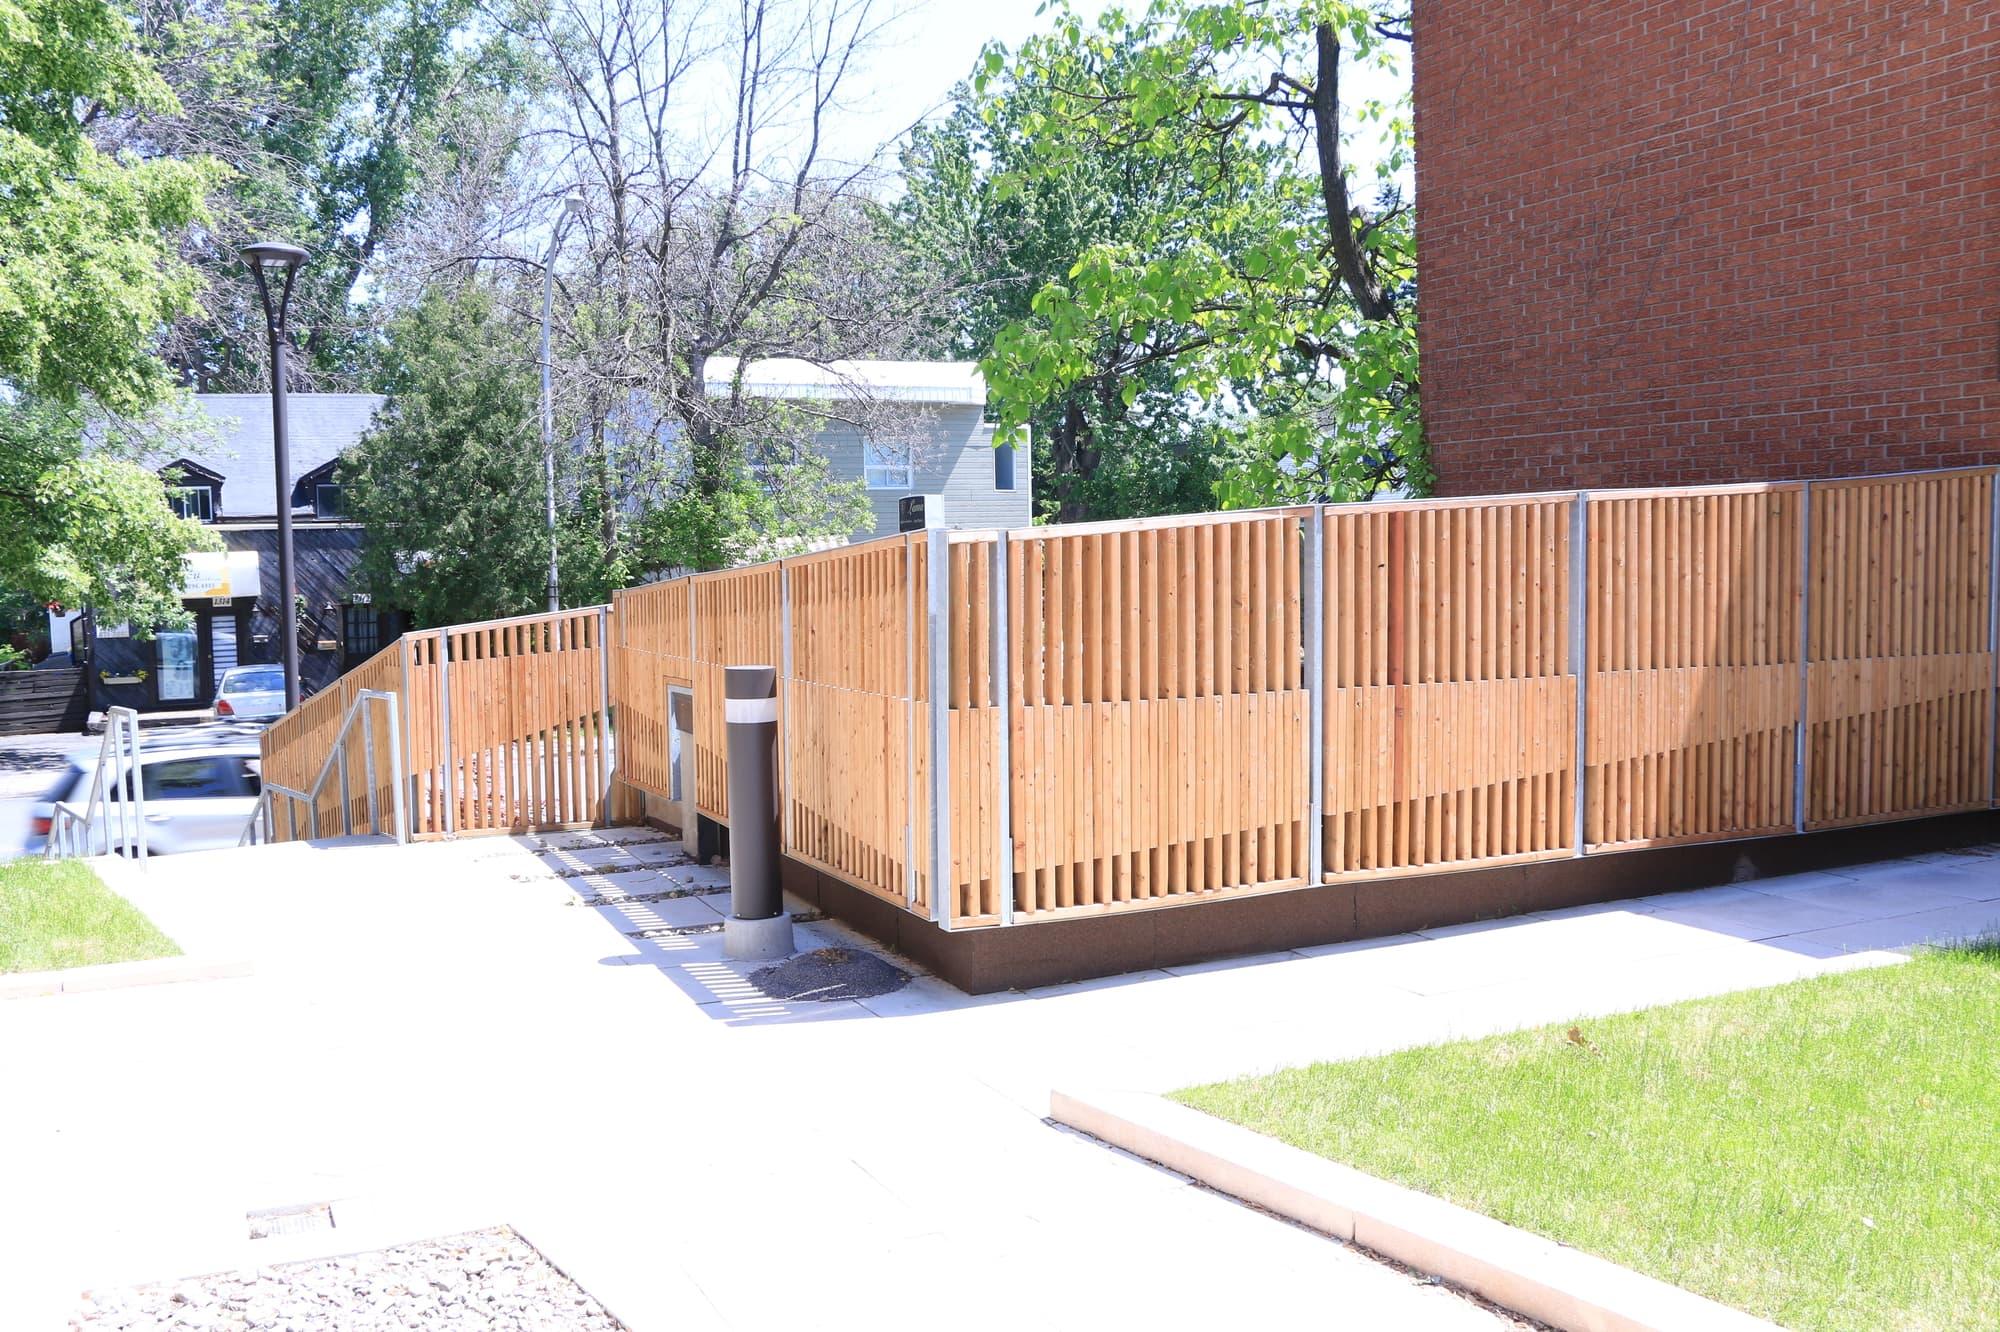 étanchéité du toit terrasse d'une copropriété avec clôture en bois